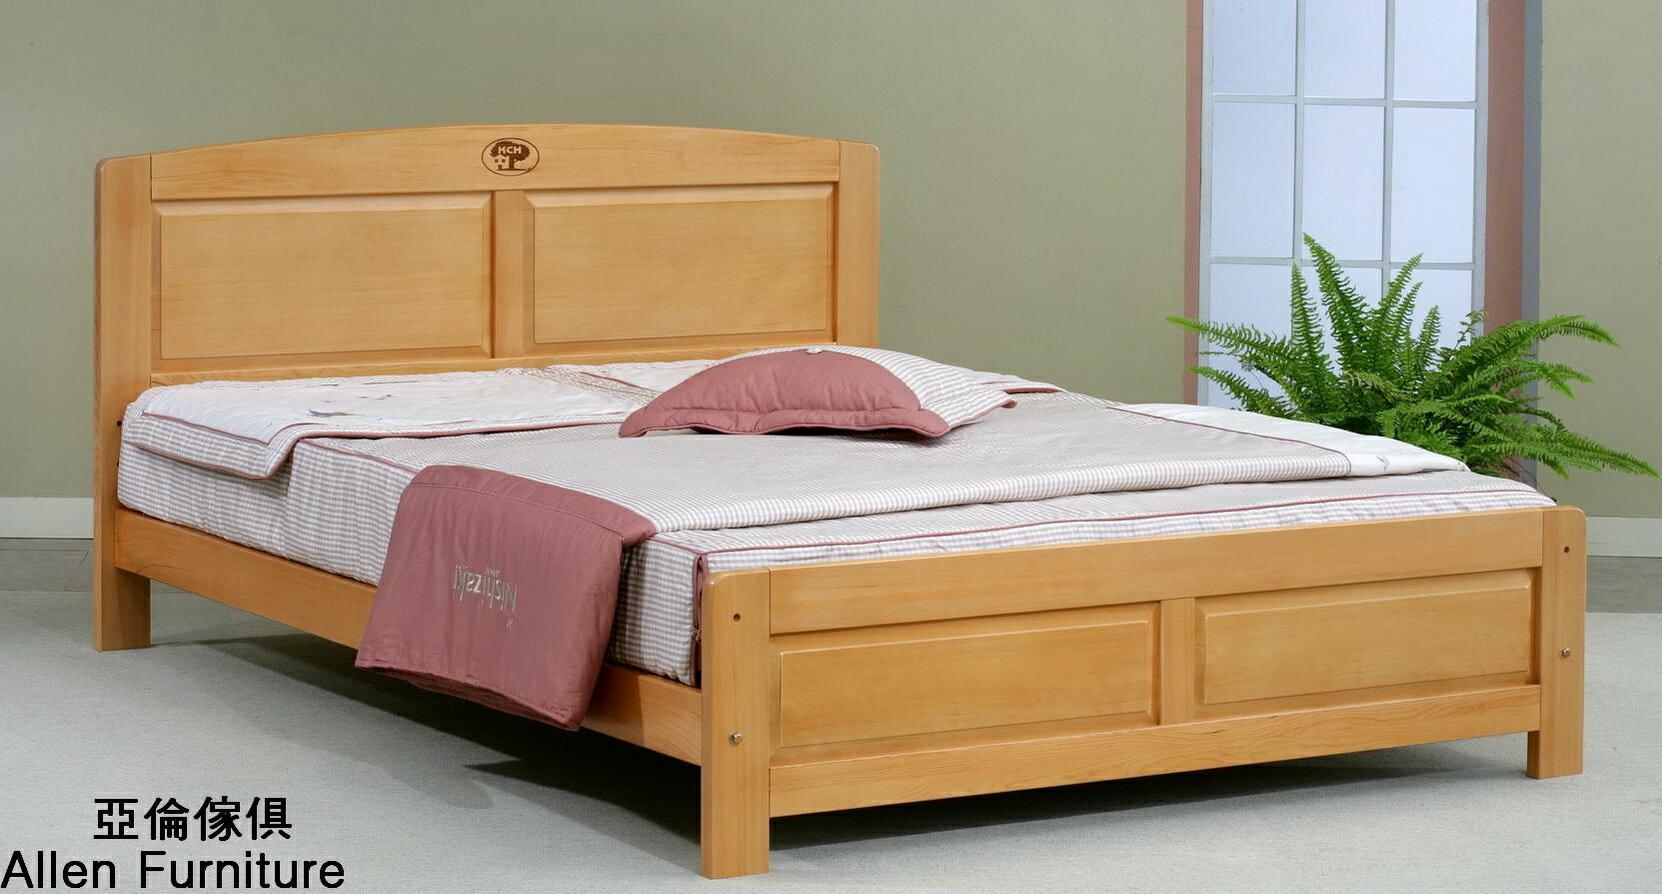 亞倫傢俱*史達琳檜木實木5尺雙人床架 0